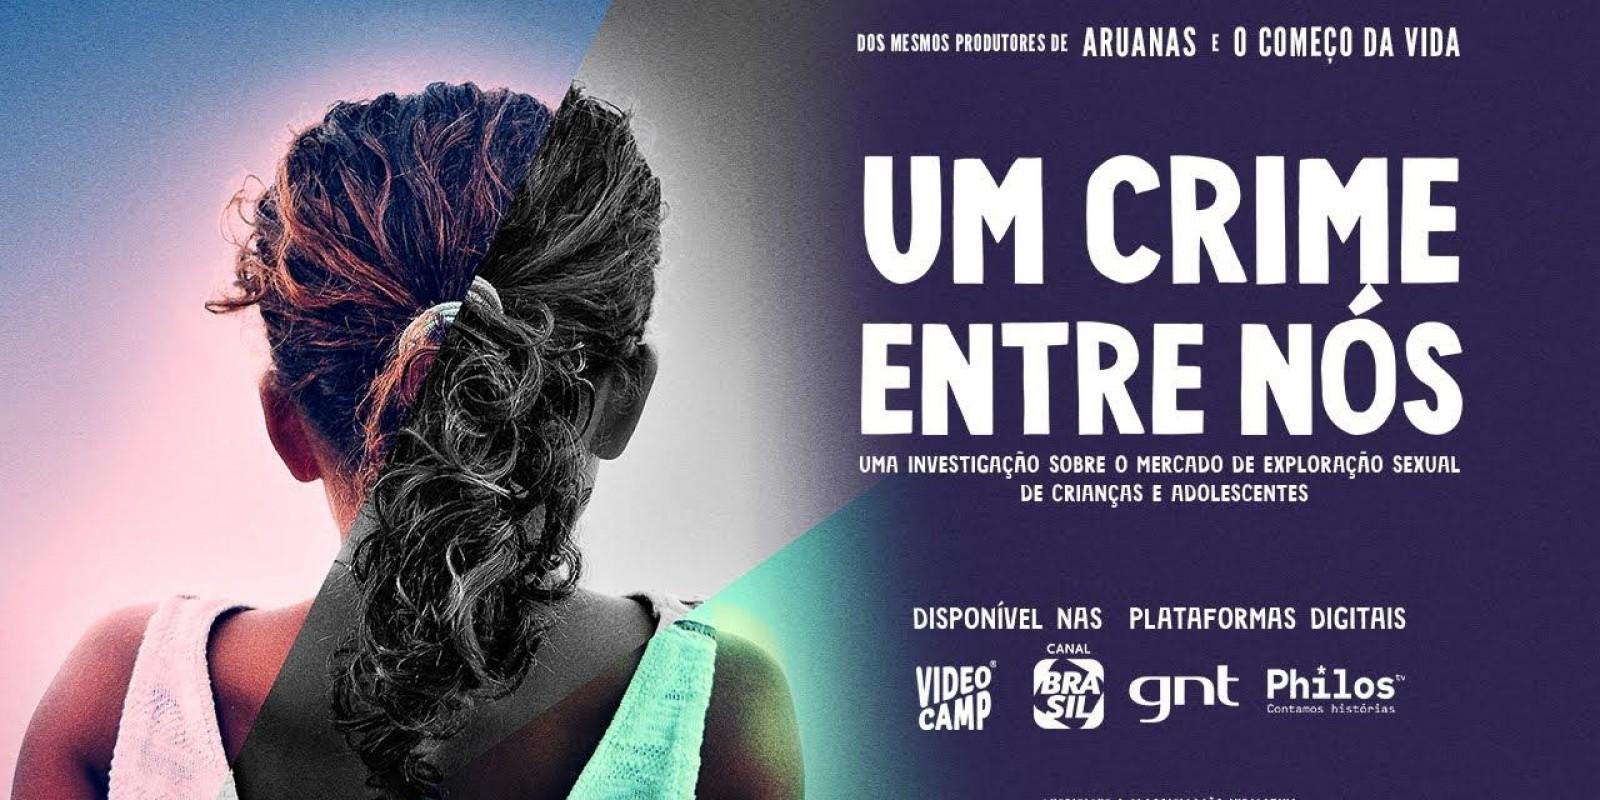 'Um crime entre nós' retrata um tema tabu no Brasil: a violência sexual contra crianças da qual ninguém quer falar